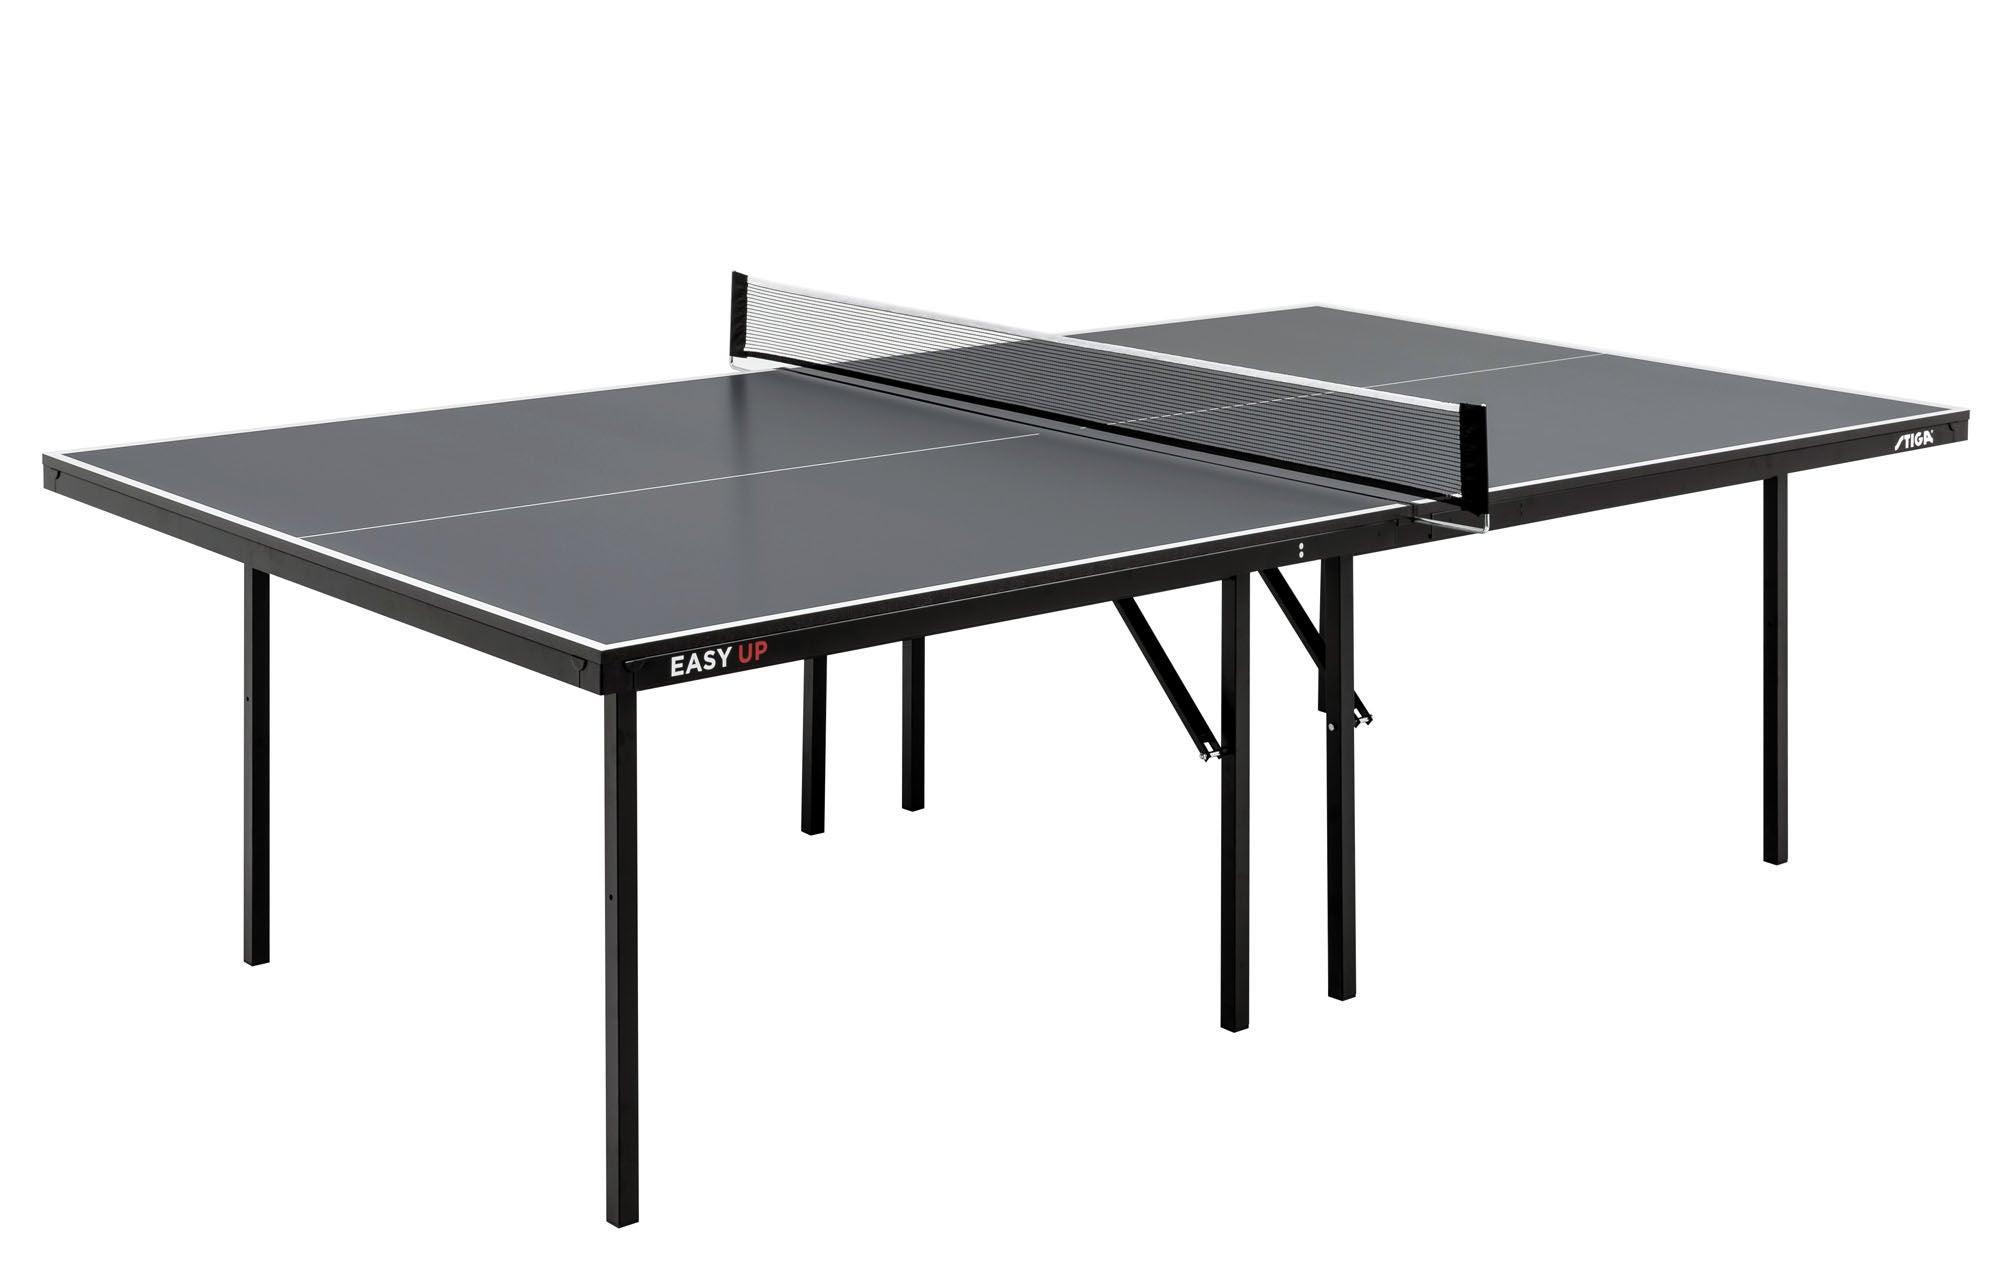 Stiga Pingispöytä Easy Up + Verkko